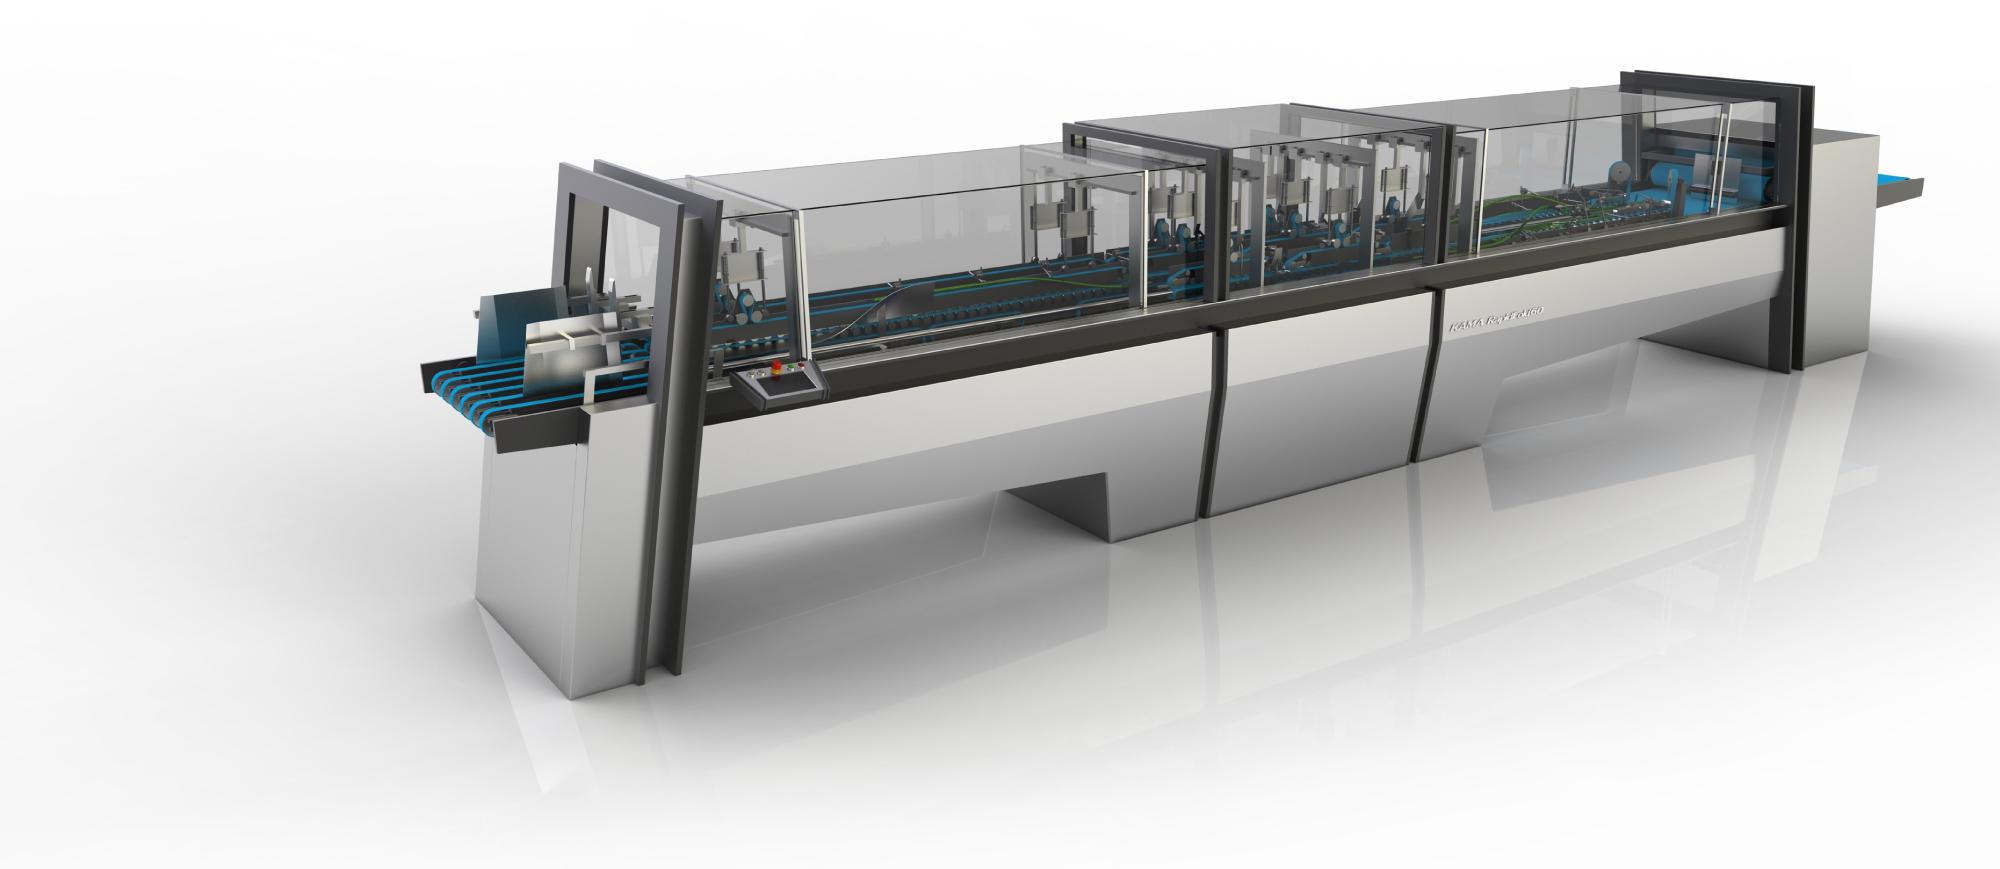 05 1000 830 machine design pinterest for Industriedesign dresden